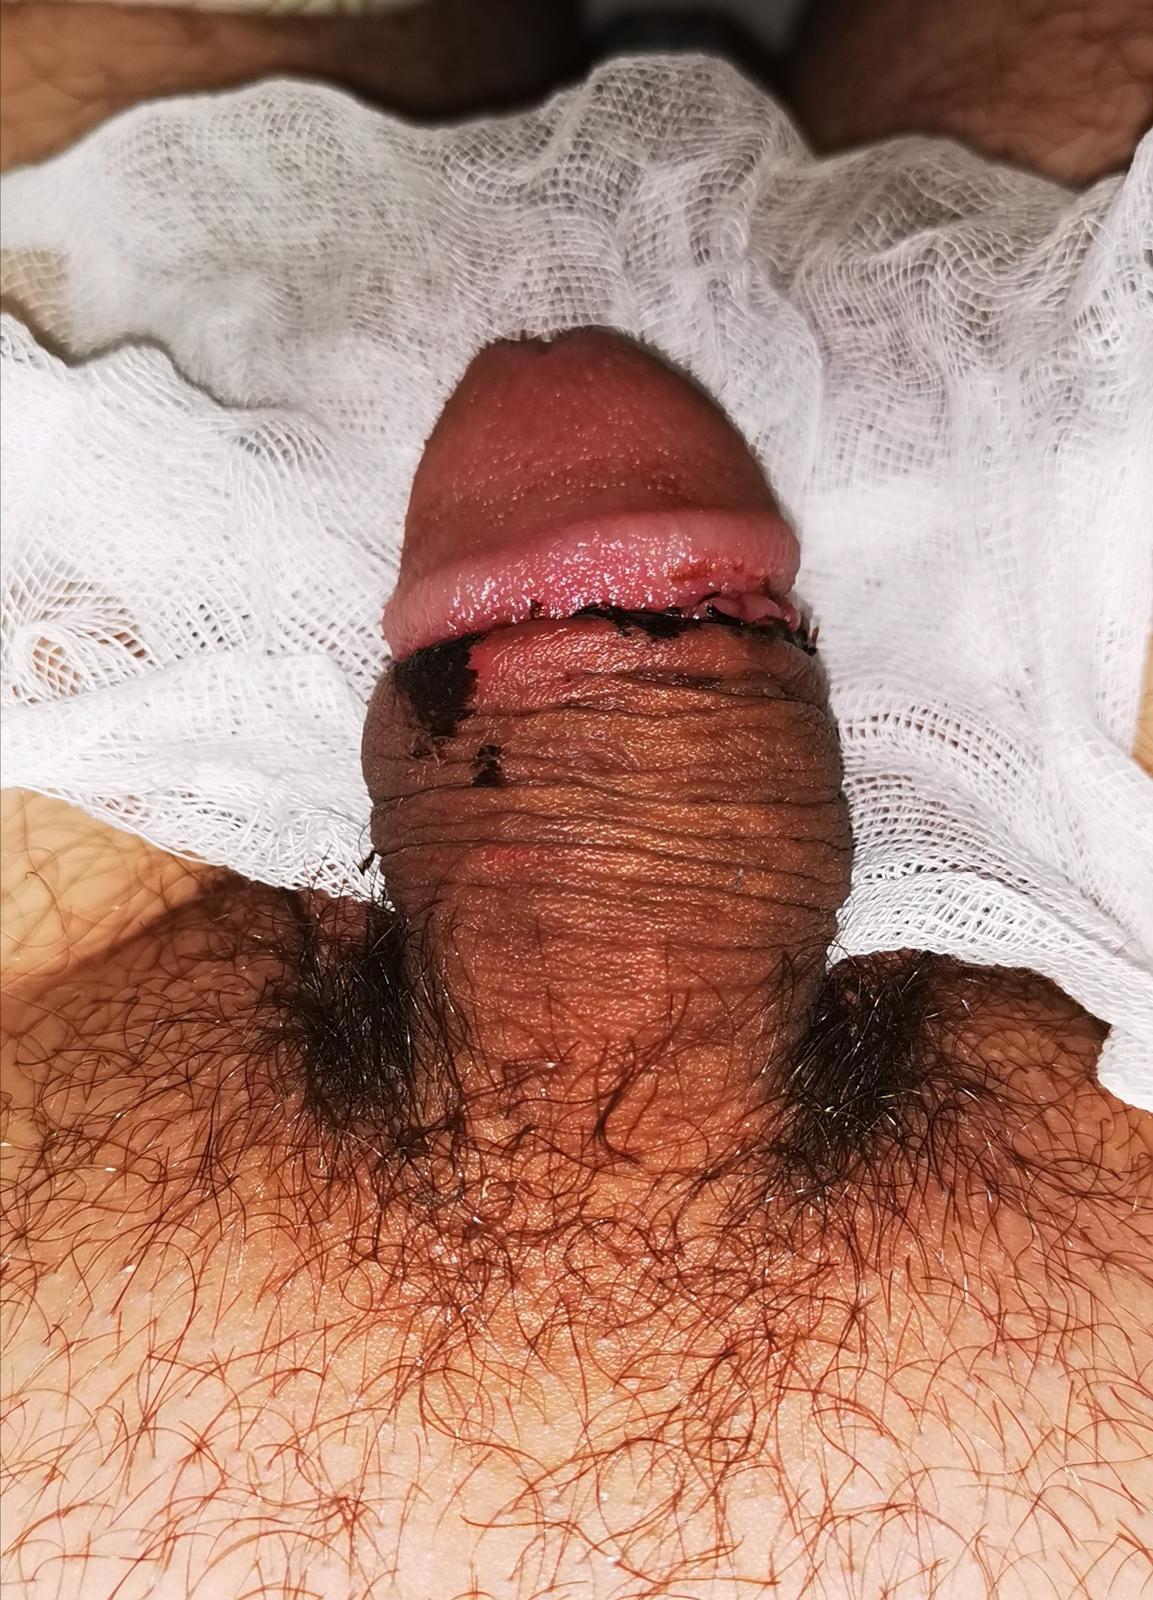 nedves fasz az erekció során